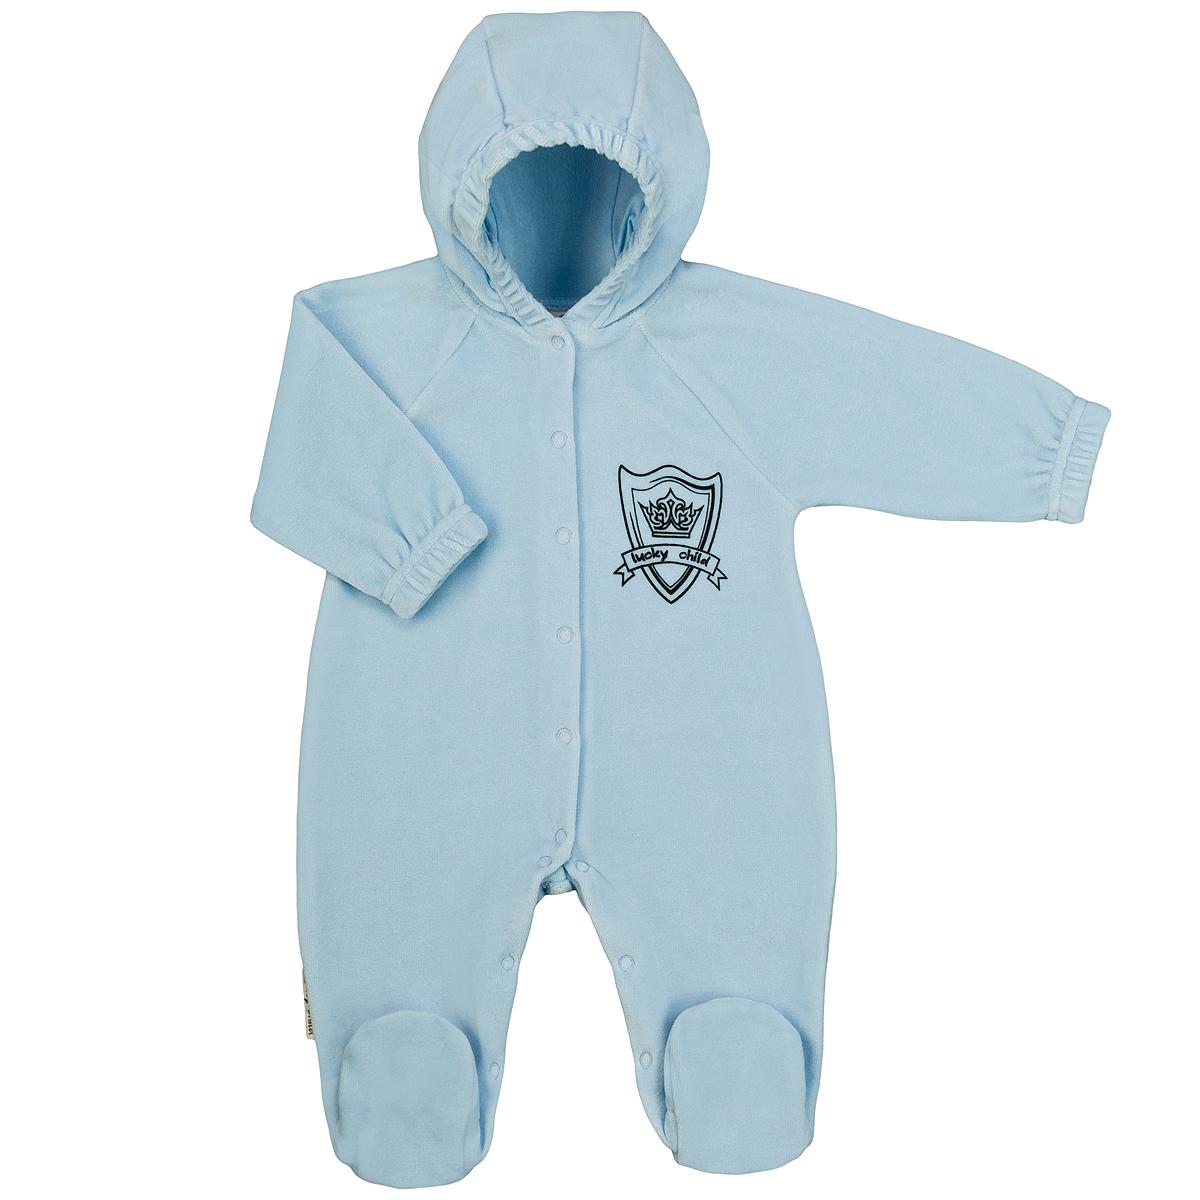 Комбинезон для мальчика Lucky Child, цвет: голубой. 3-21. Размер 74/803-21Детский комбинезон с капюшоном для мальчика Lucky Child - очень удобный и практичный вид одежды для малышей. Комбинезон выполнен из велюра, благодаря чему он необычайно мягкий и приятный на ощупь, не раздражают нежную кожу ребенка и хорошо вентилируются, а эластичные швы приятны телу малыша и не препятствуют его движениям. Комбинезон с длинными рукавами-реглан и закрытыми ножками имеет застежки-кнопки по центру от горловины до щиколоток, которые помогают легко переодеть младенца или сменить подгузник. На груди он оформлен оригинальным принтом в виде логотипа бренда. Рукава понизу дополнены неширокими эластичными манжетами, не перетягивающими запястья. С детским комбинезоном Lucky Child спинка и ножки вашего малыша всегда будут в тепле. Комбинезон полностью соответствует особенностям жизни младенца в ранний период, не стесняя и не ограничивая его в движениях!